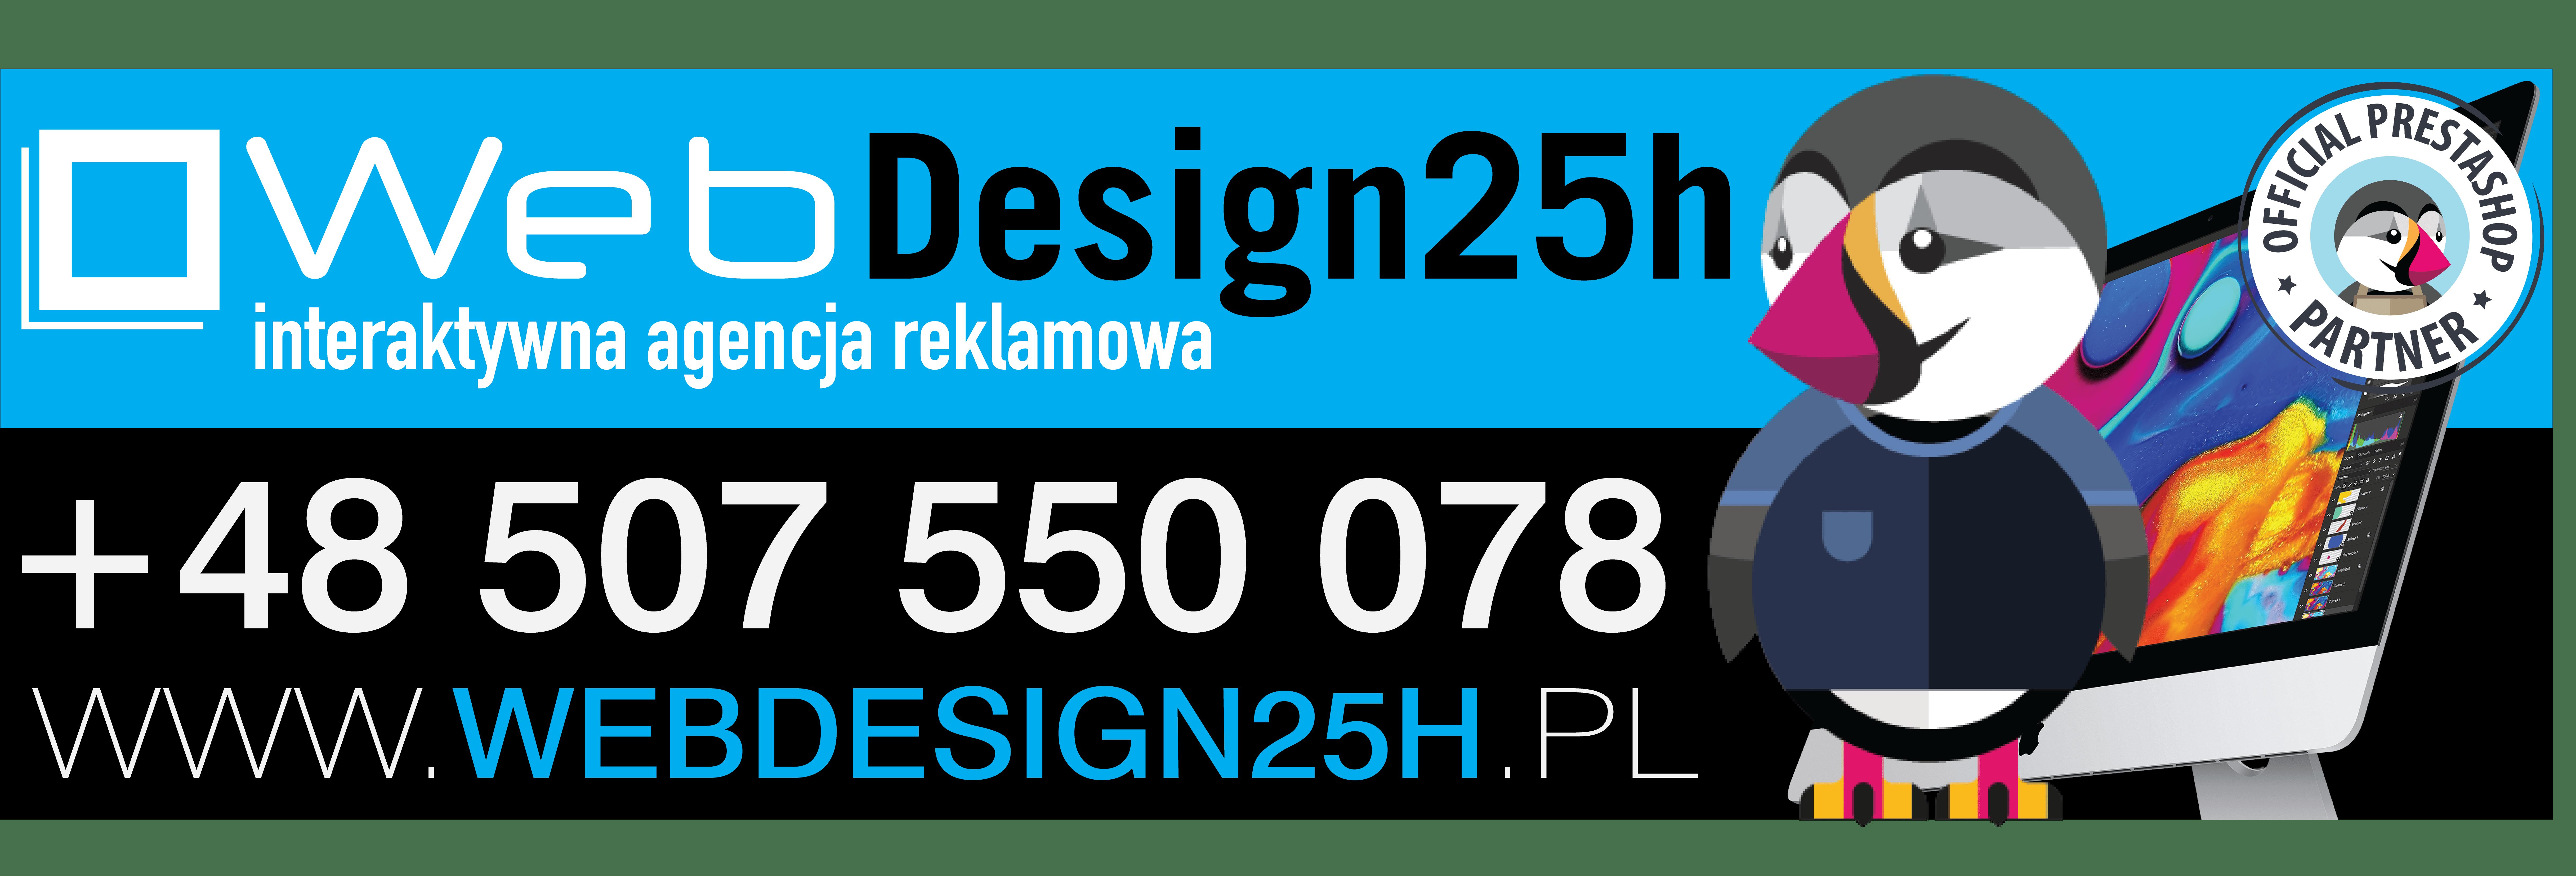 Agencja reklamowa WebDesign25h Kamil Mazan